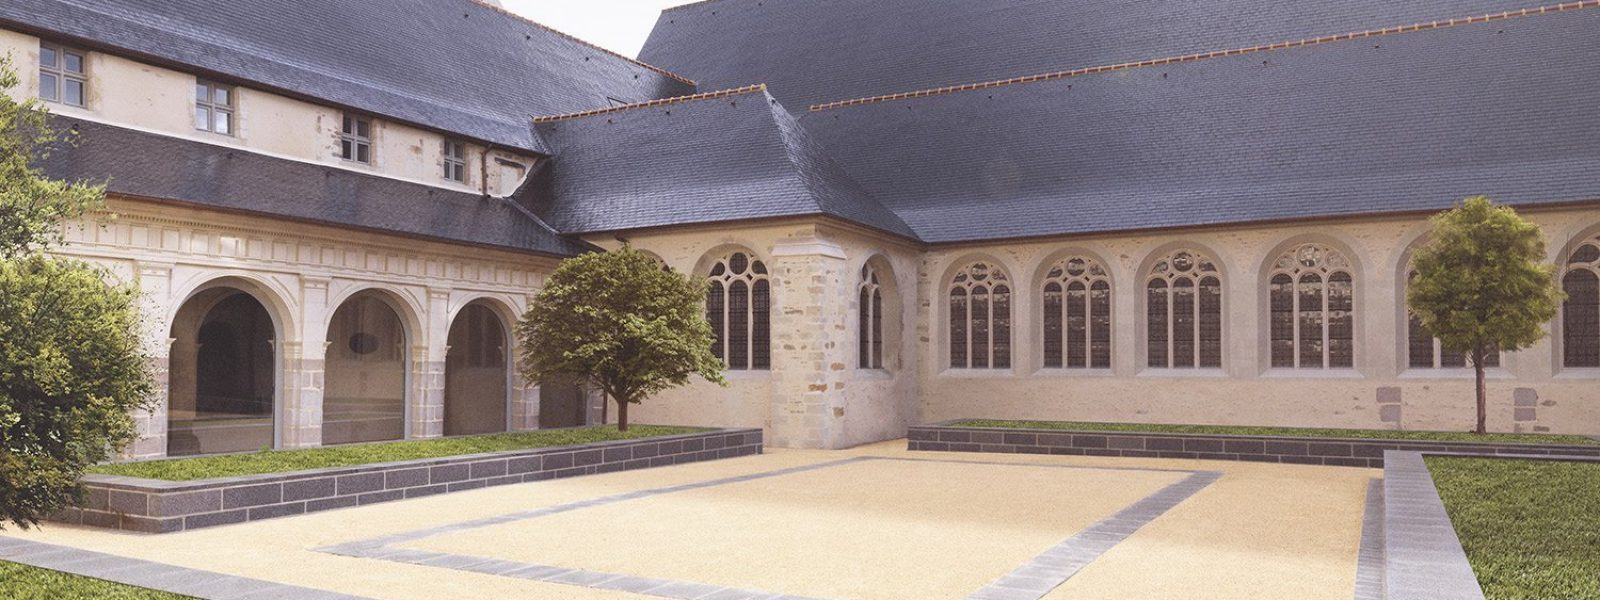 Cloister - Couvent des Jacobins - Rennes